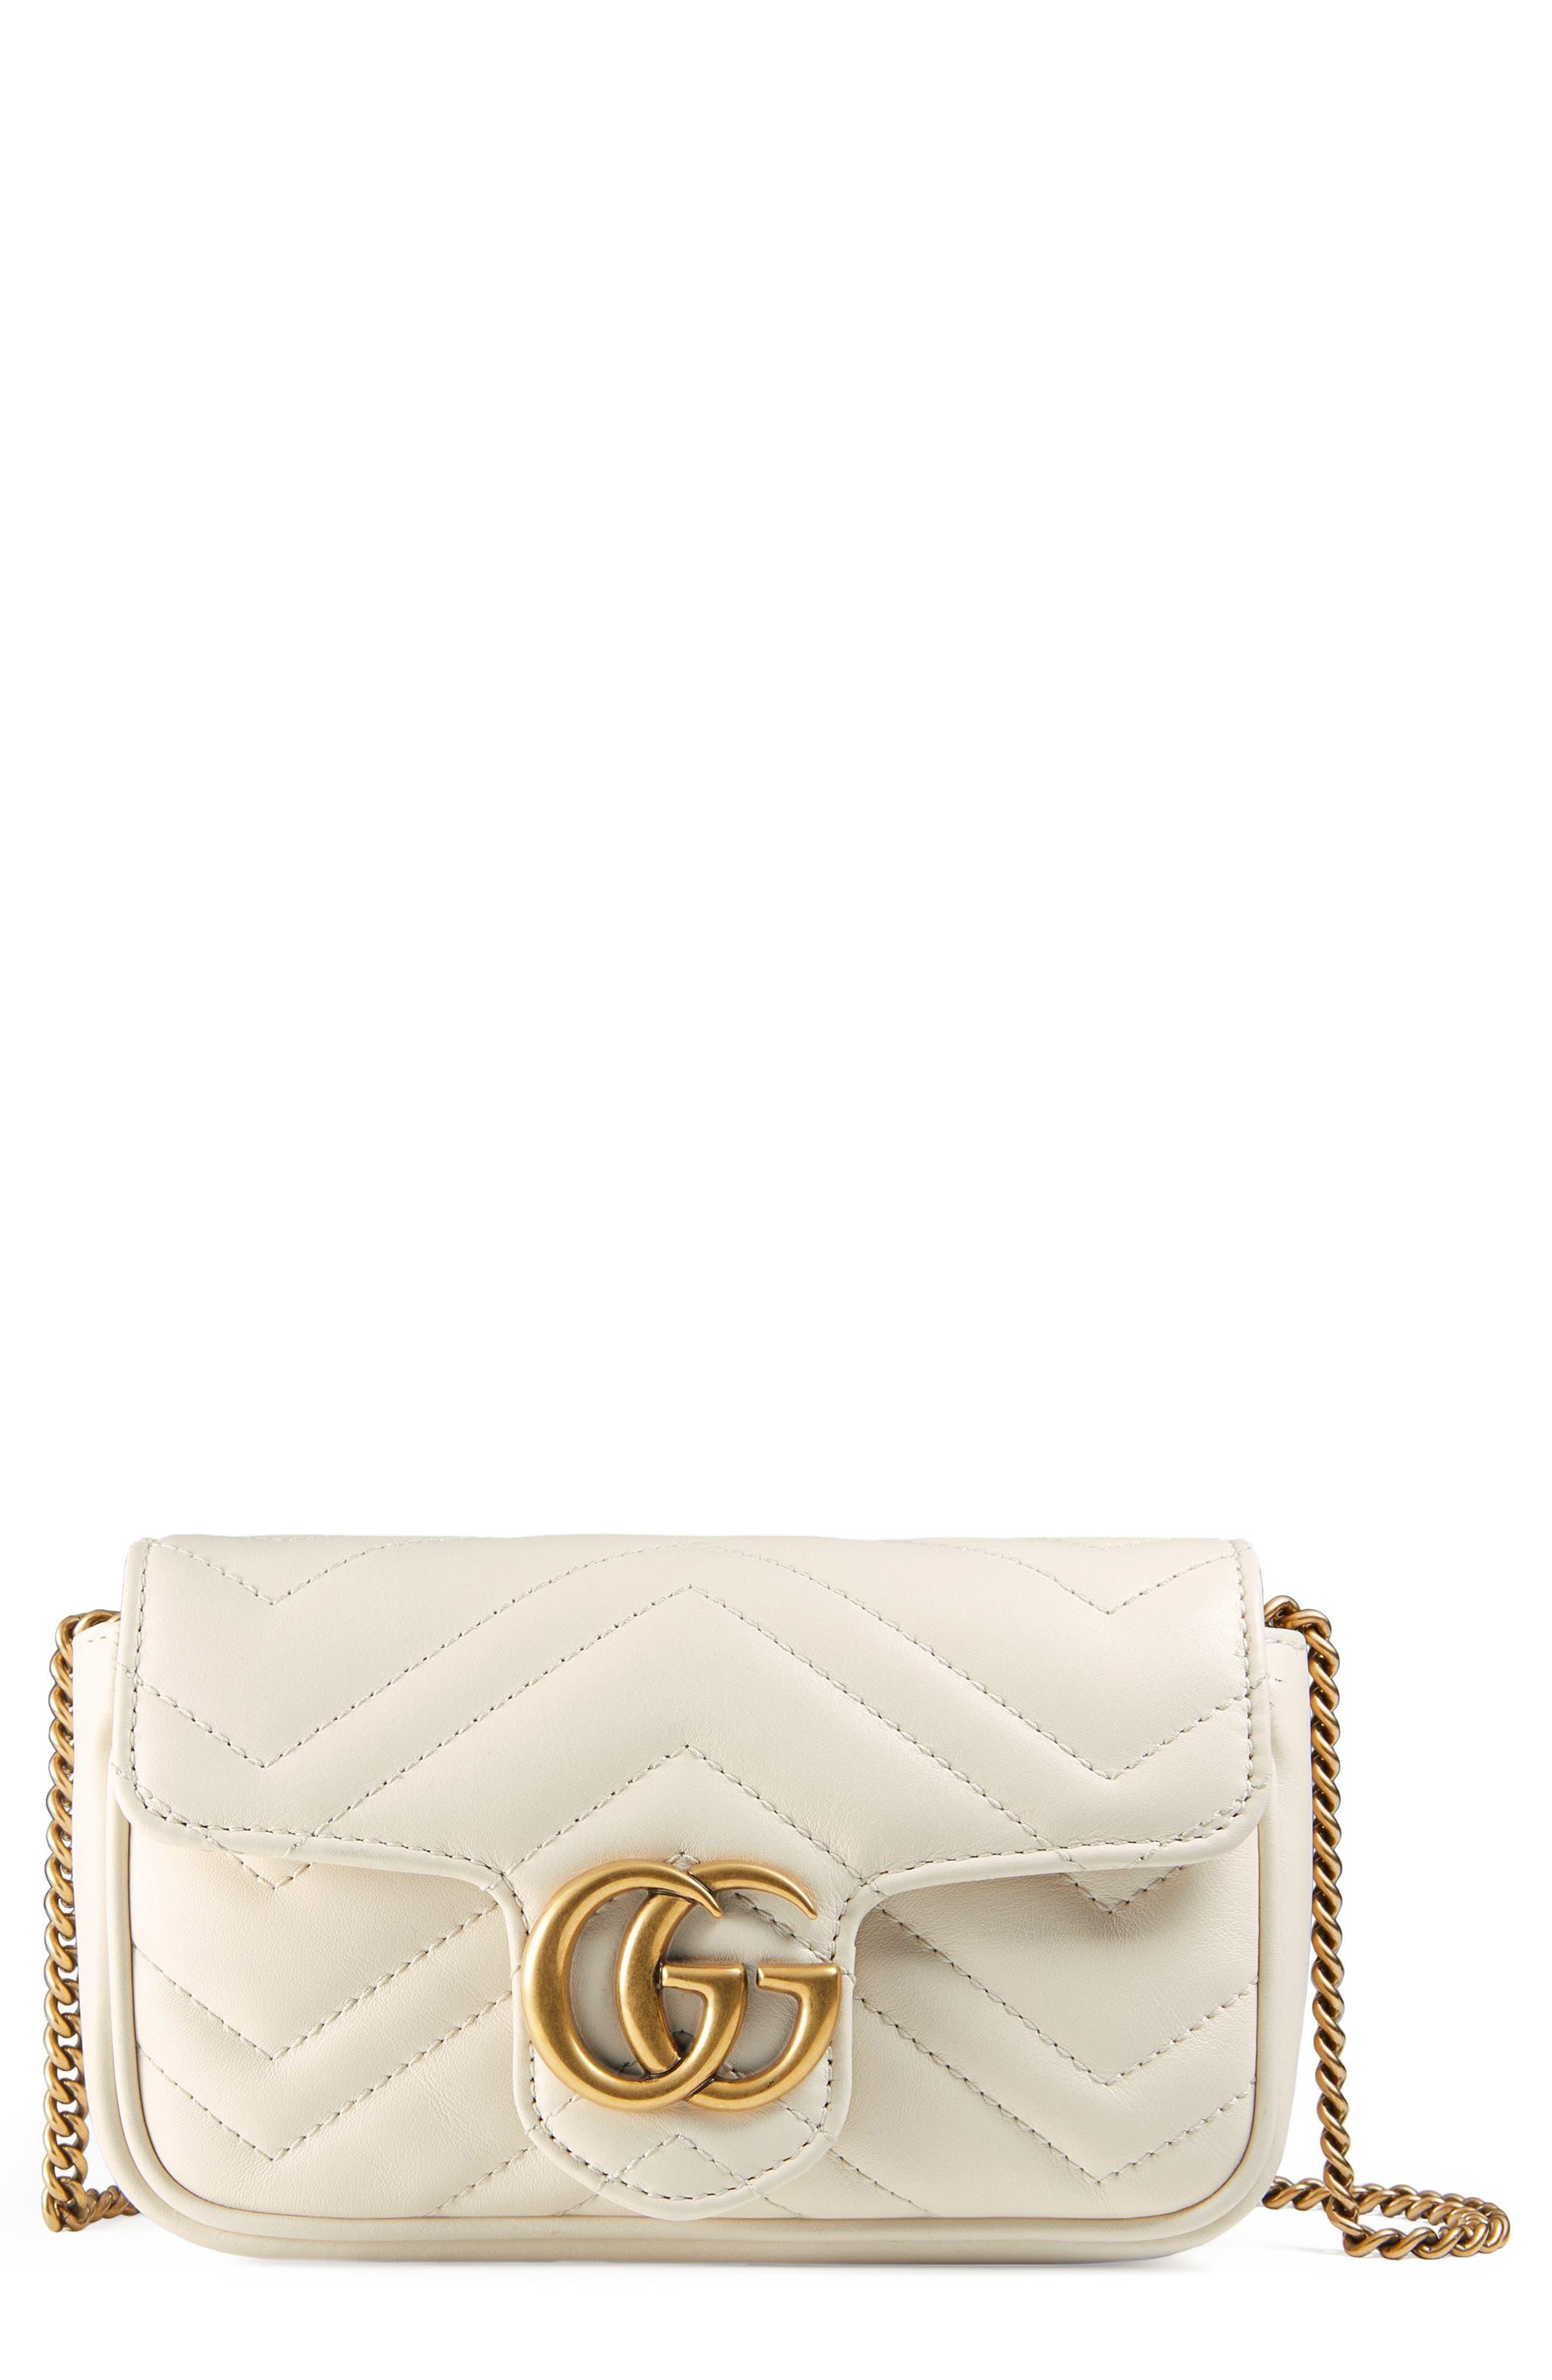 Main Image - Gucci Supermini GG Marmont 2.0 Matelassé Leather Shoulder Bag